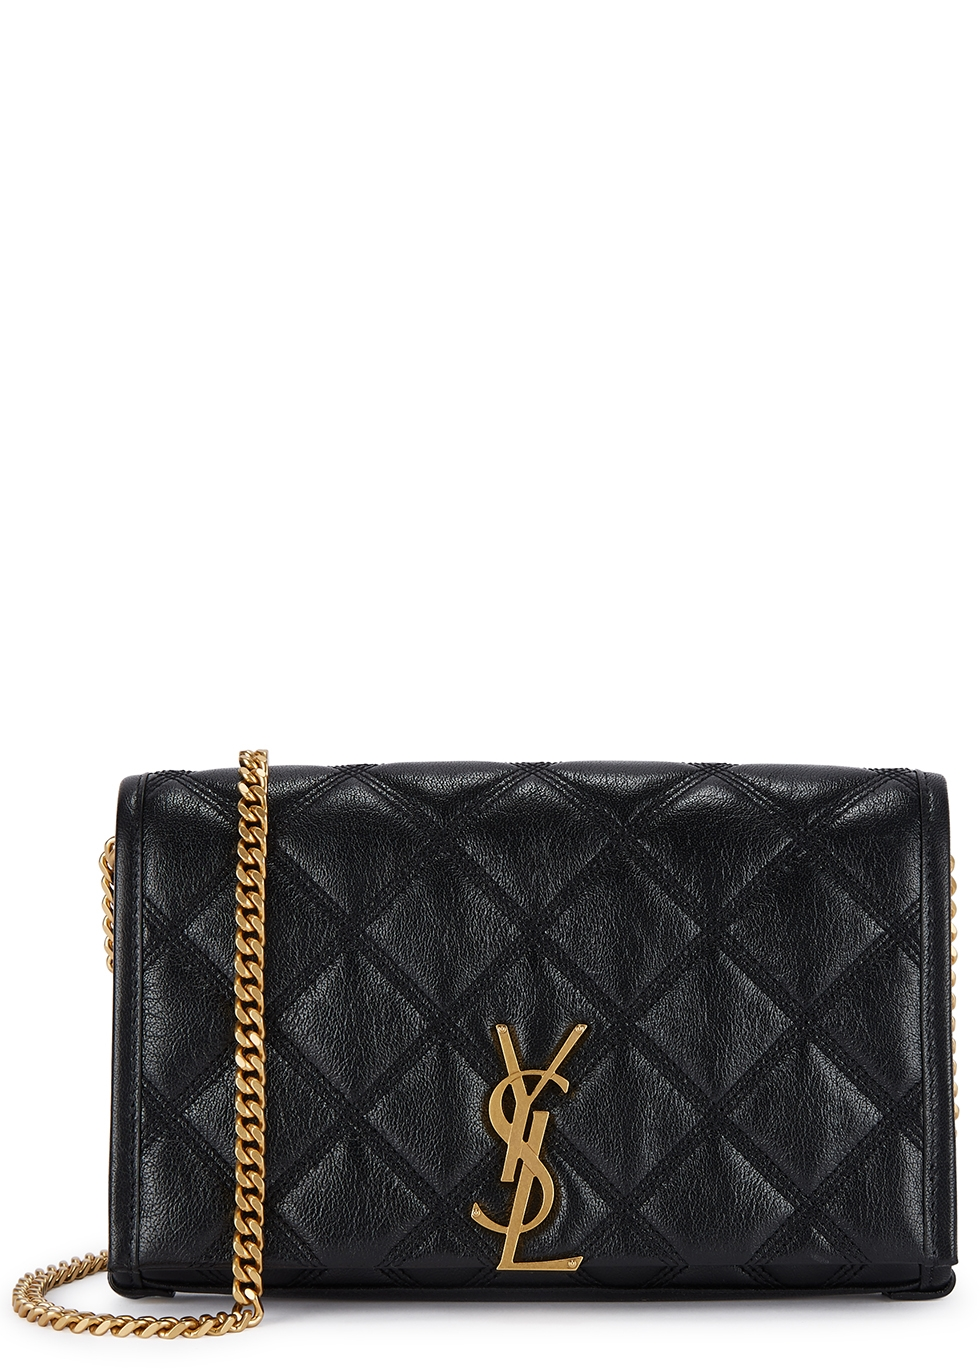 14a2f0b4 Becky black leather shoulder bag